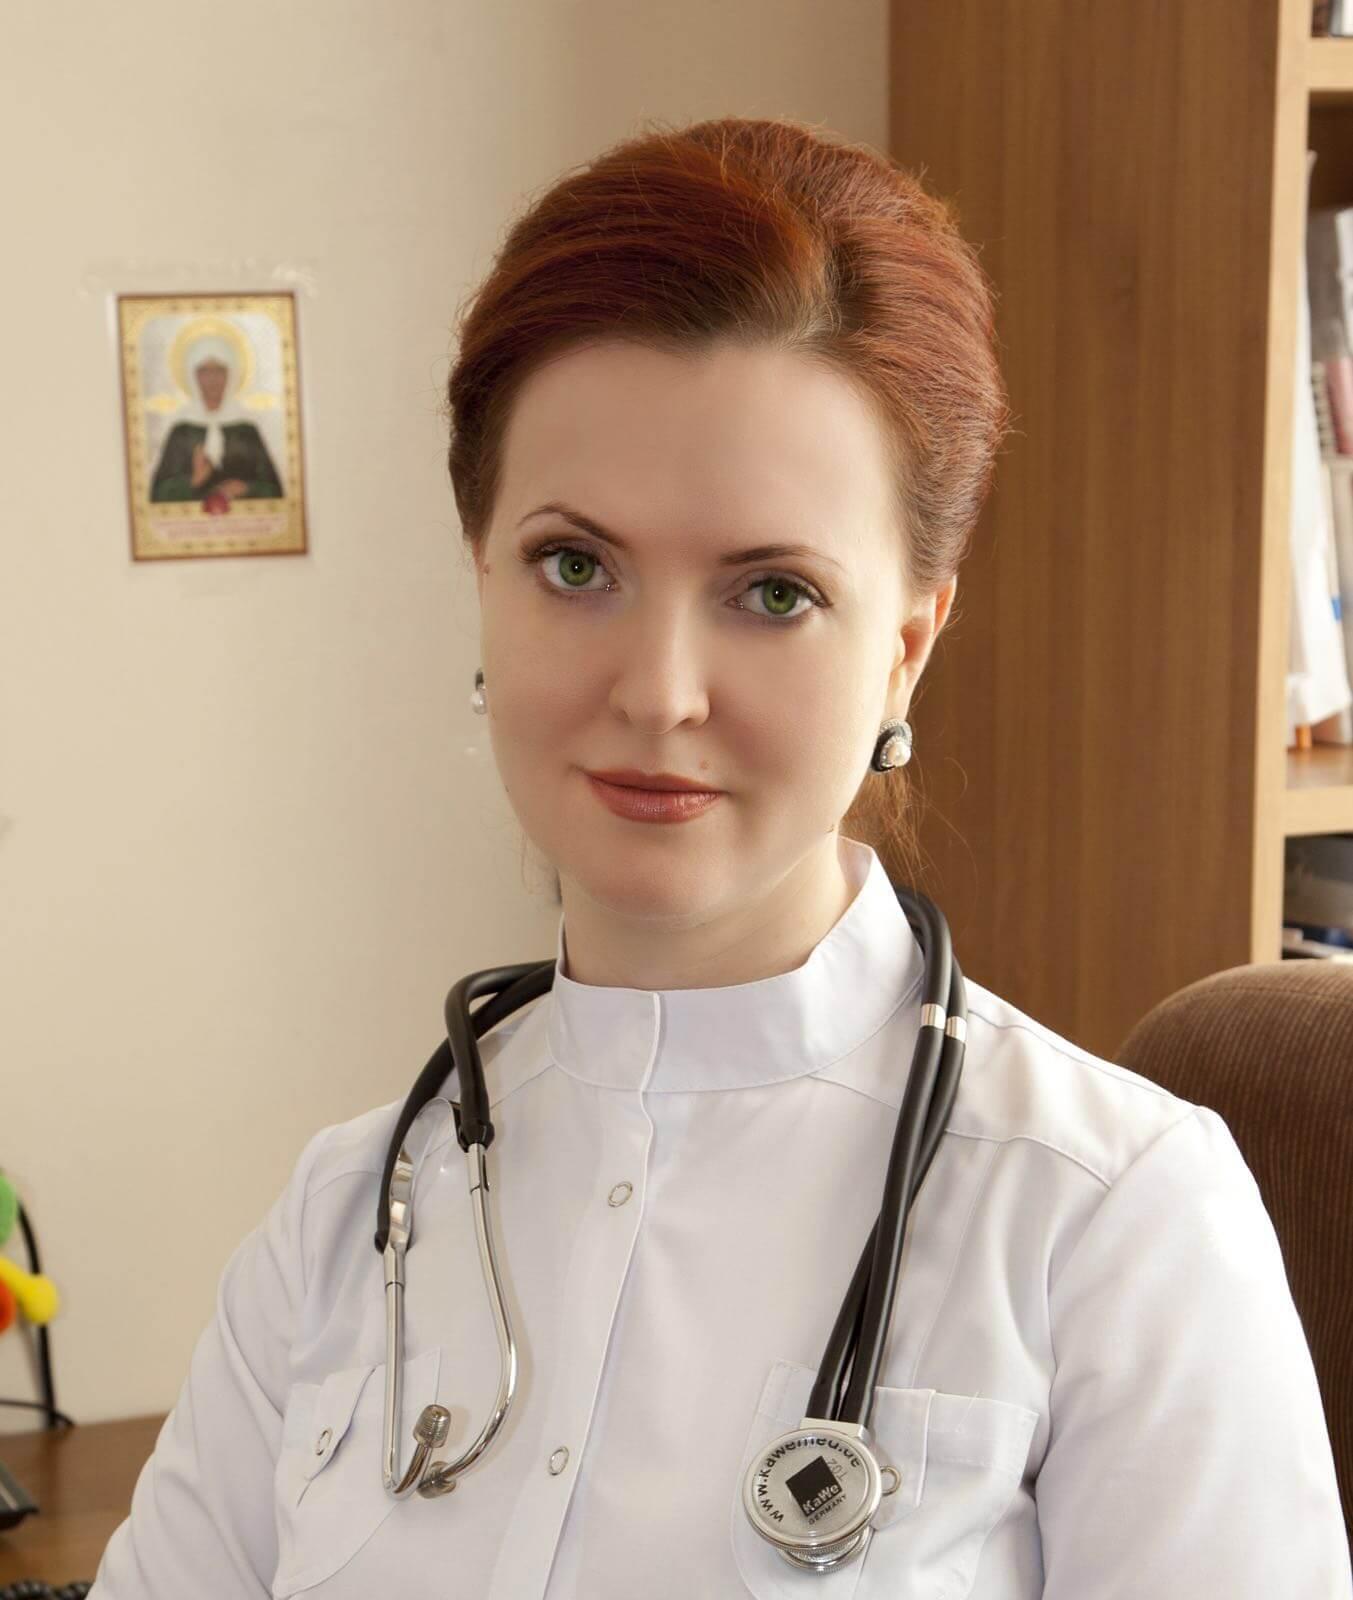 Семина Екатерина Викторовна